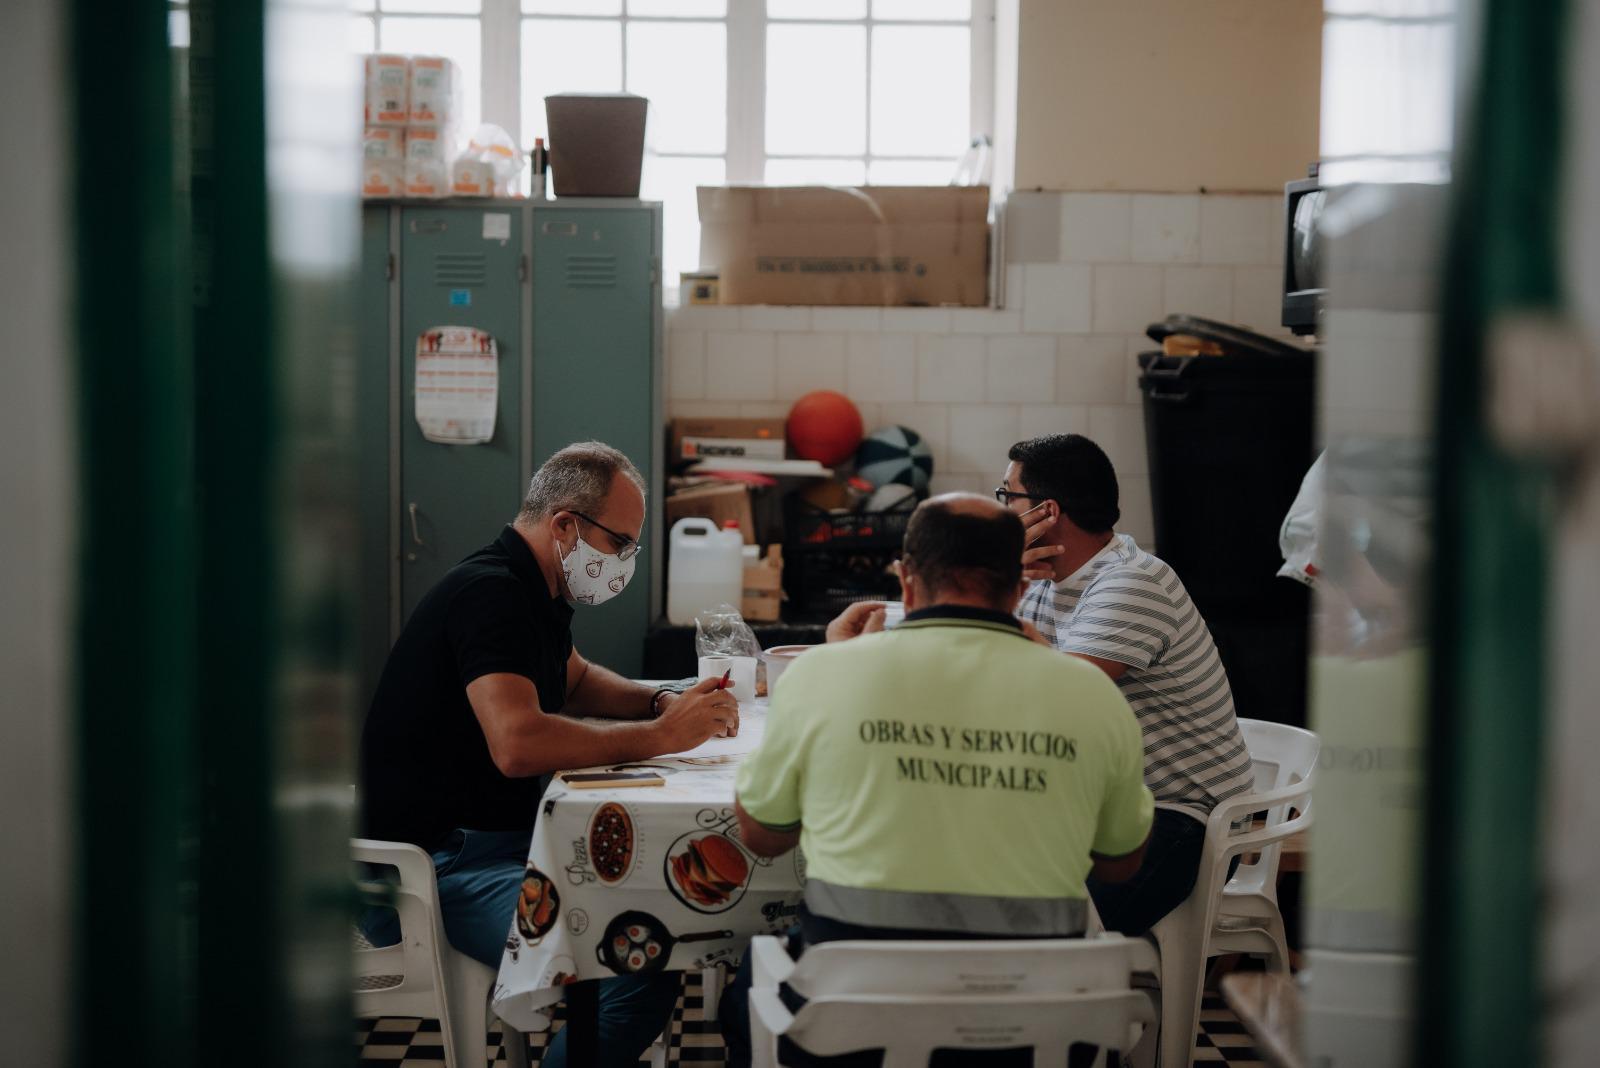 Santa Cruz de La Palma trabaja en las medidas de seguridad para el Día de los Difuntos. La Palma